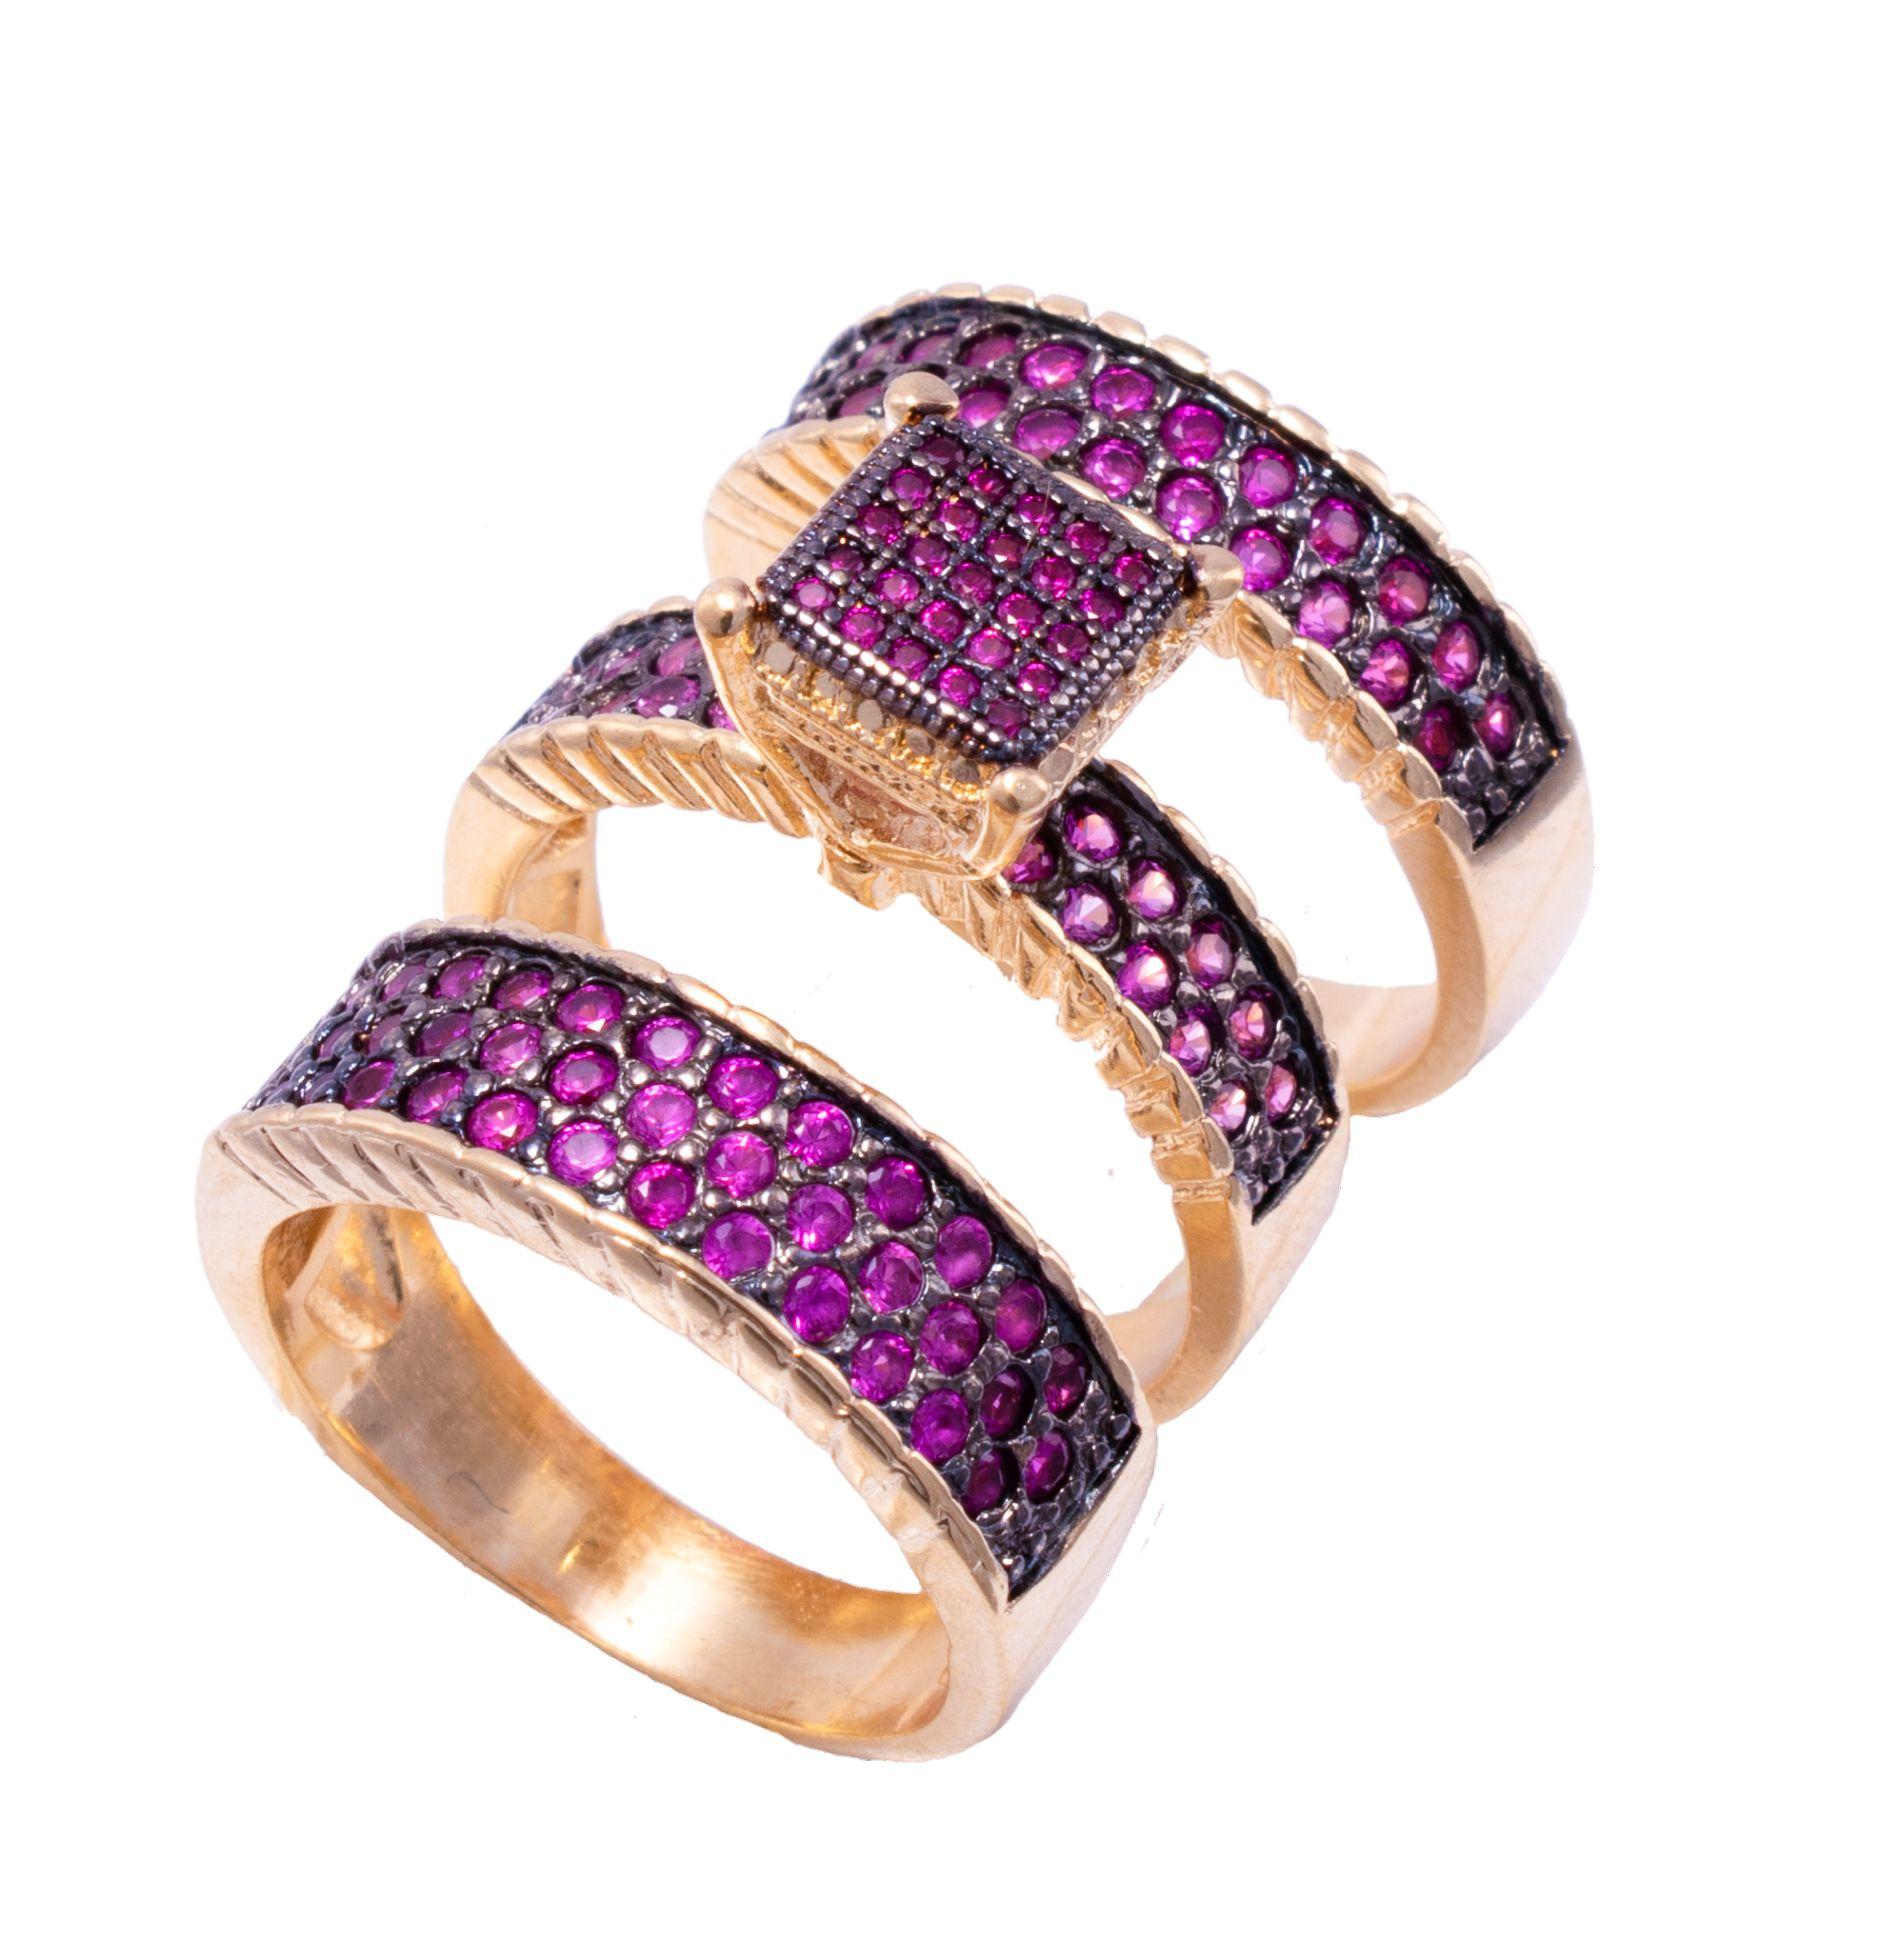 Trio de Anéis Solitário e Aparador com Zircônia Rosa Folheado em Ouro 18k - Giro Semijoias